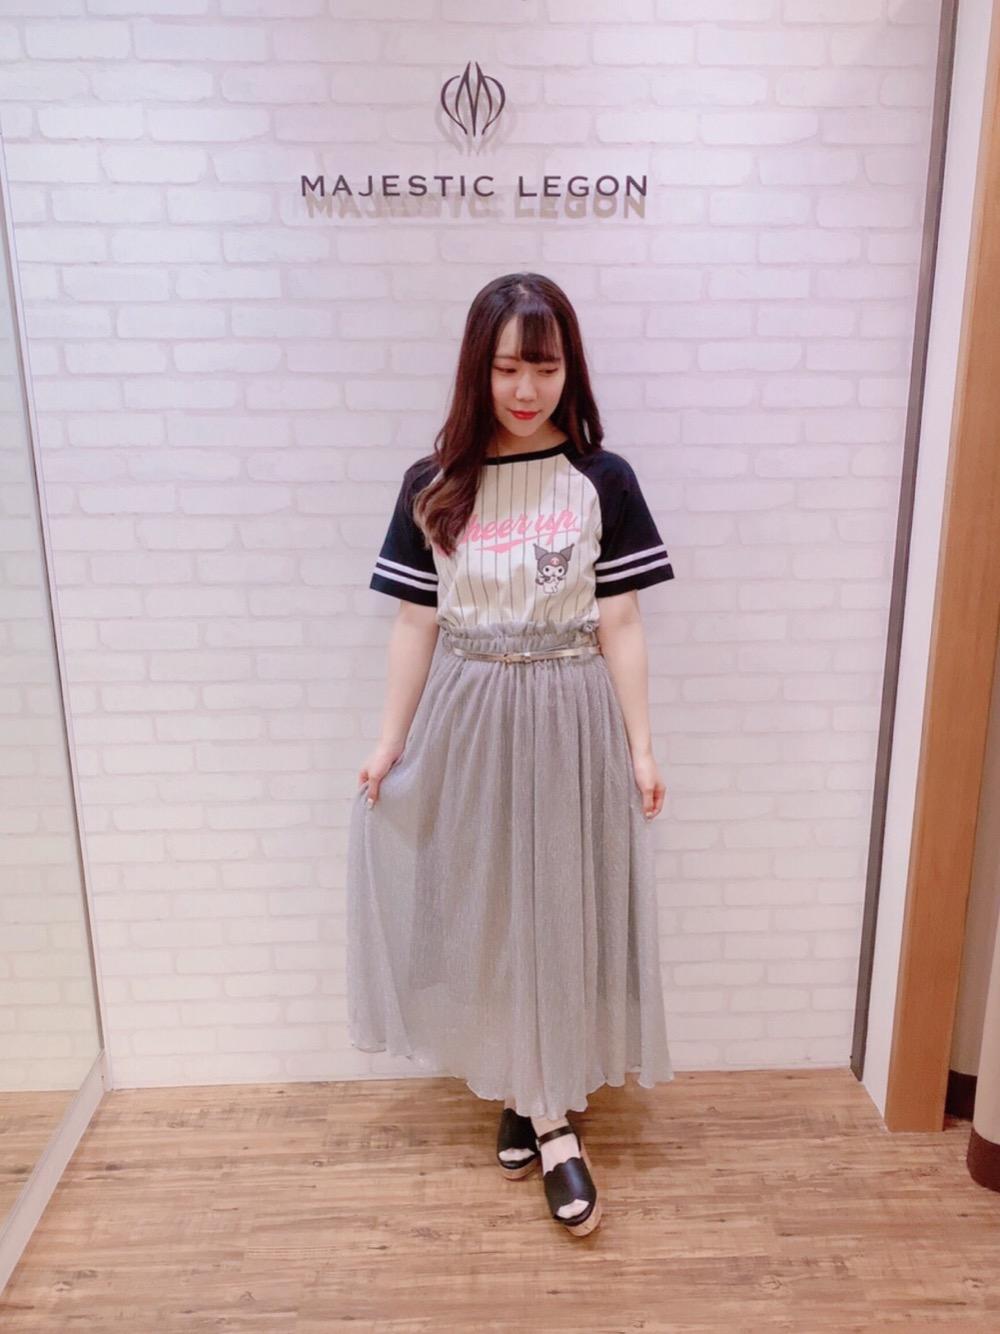 MAJESTIC LEGONマリエとやま店